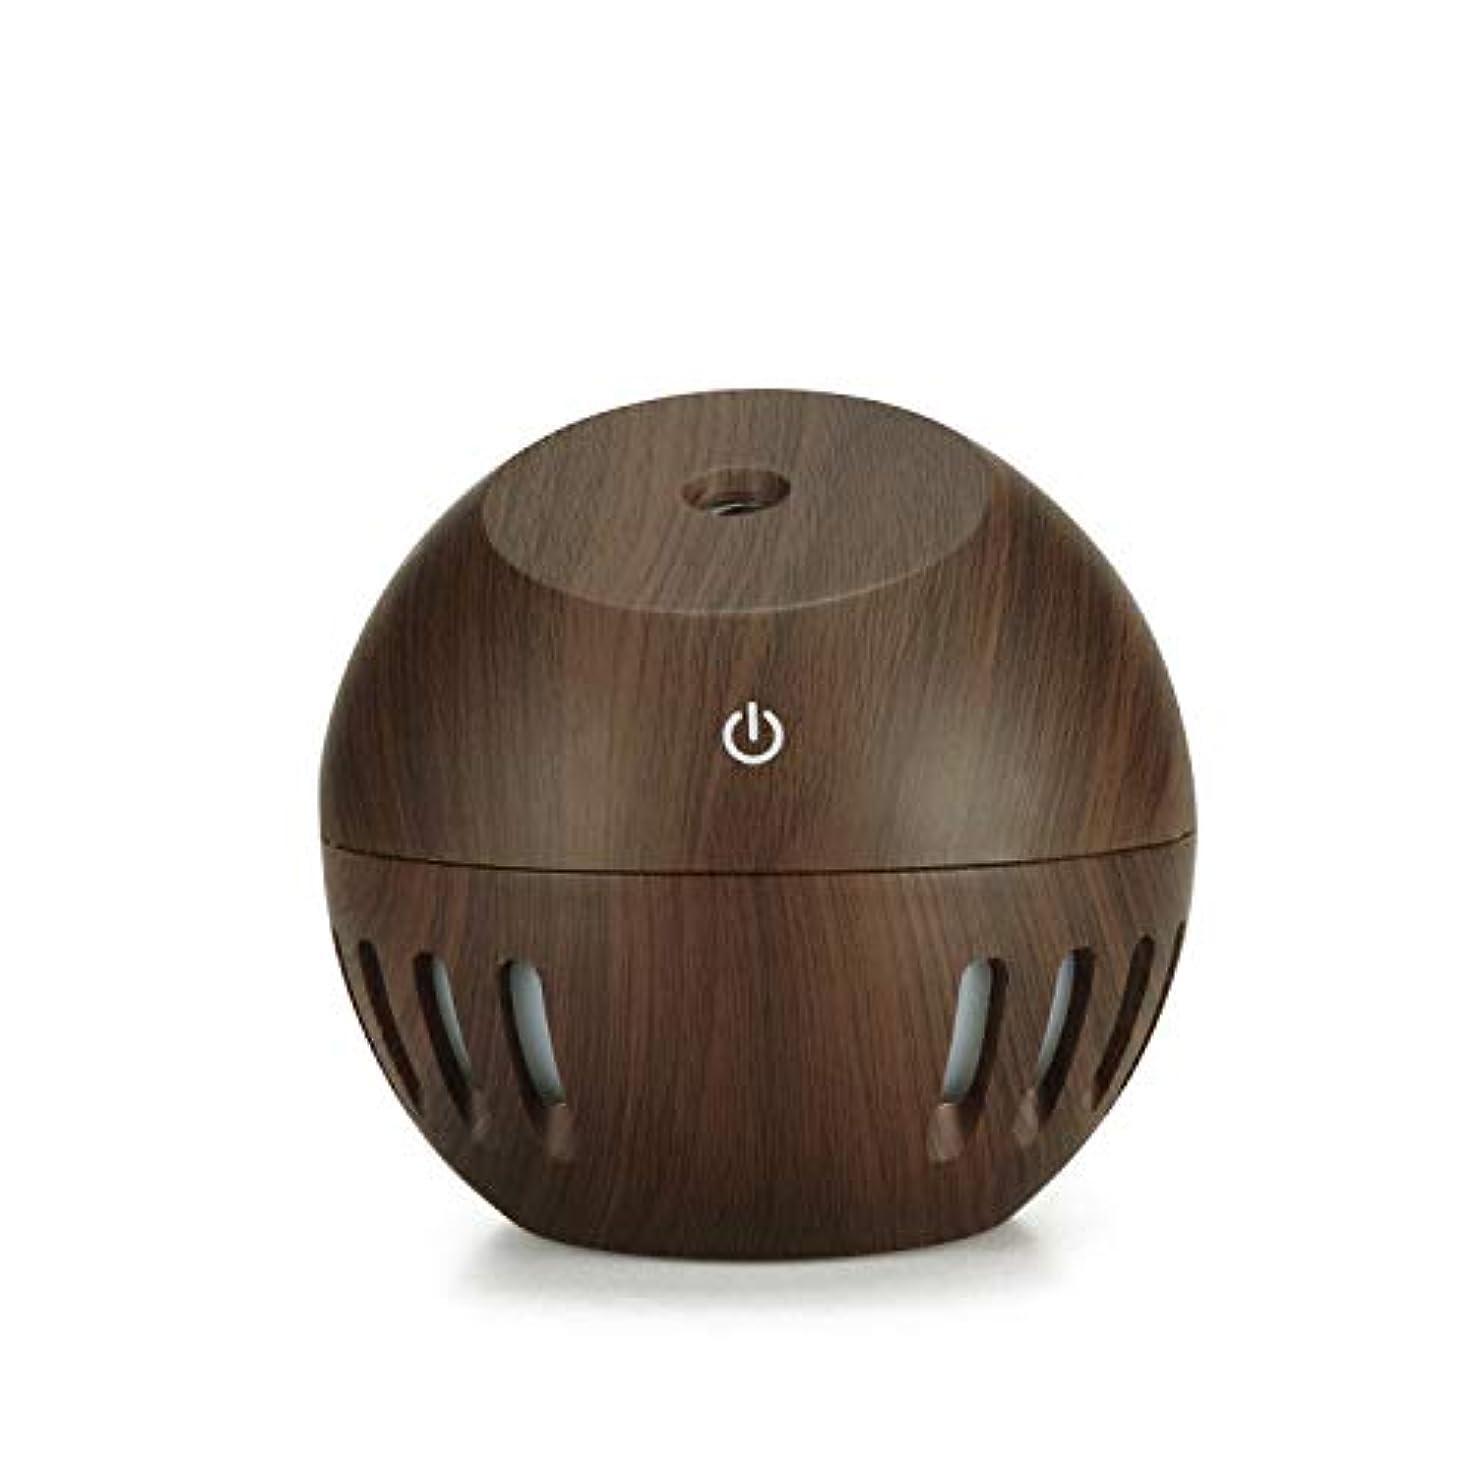 取り壊す科学かけがえのない130ml Essential Oils Diffuser Electric Cool Mist Aroma Diffuser For Home, Yoga, Bedroom